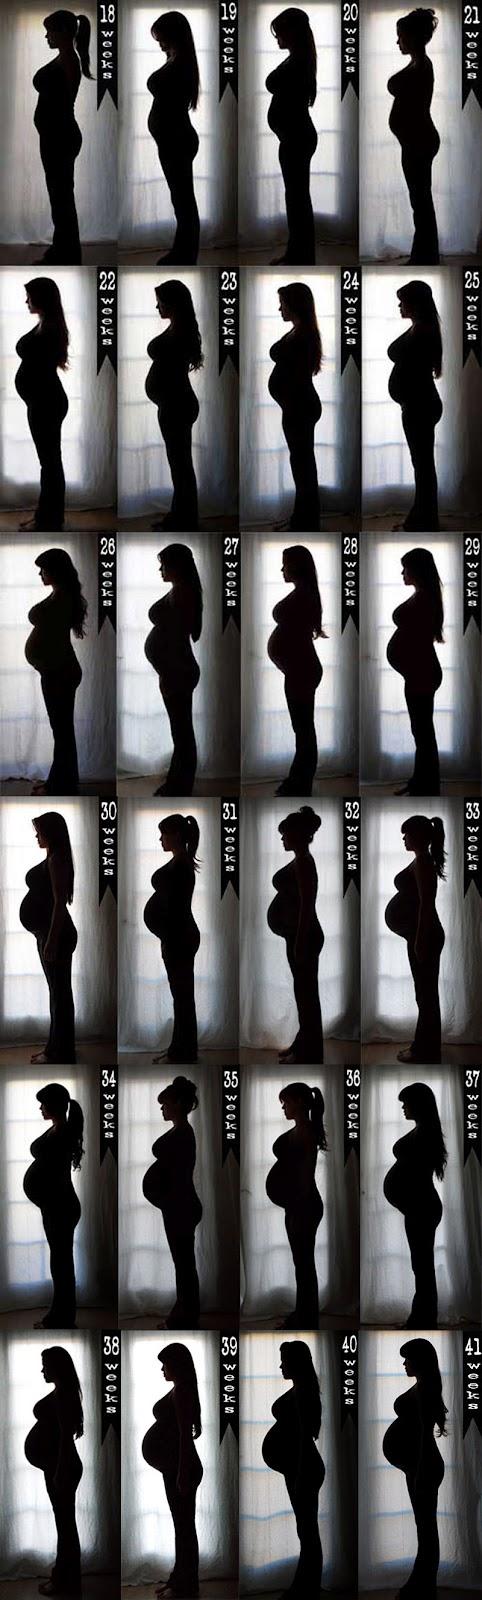 Registra la evolución del embarazo